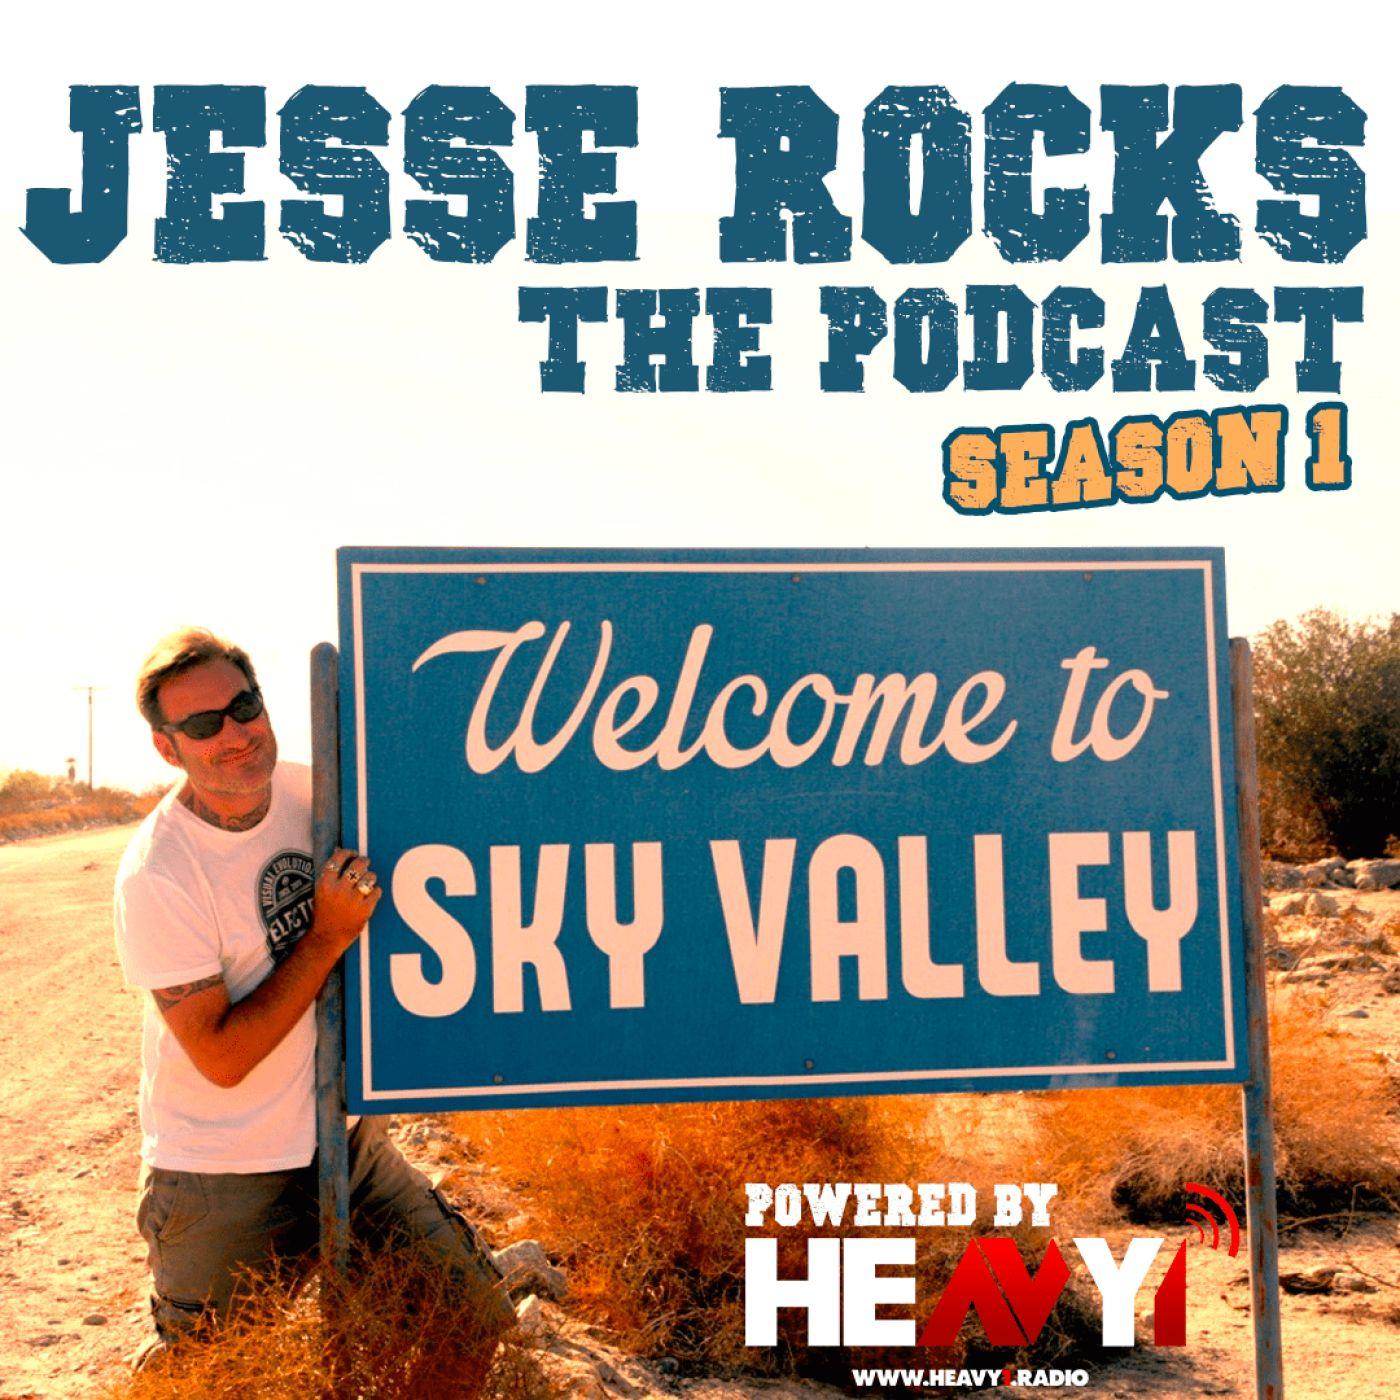 Jesse Rocks #15